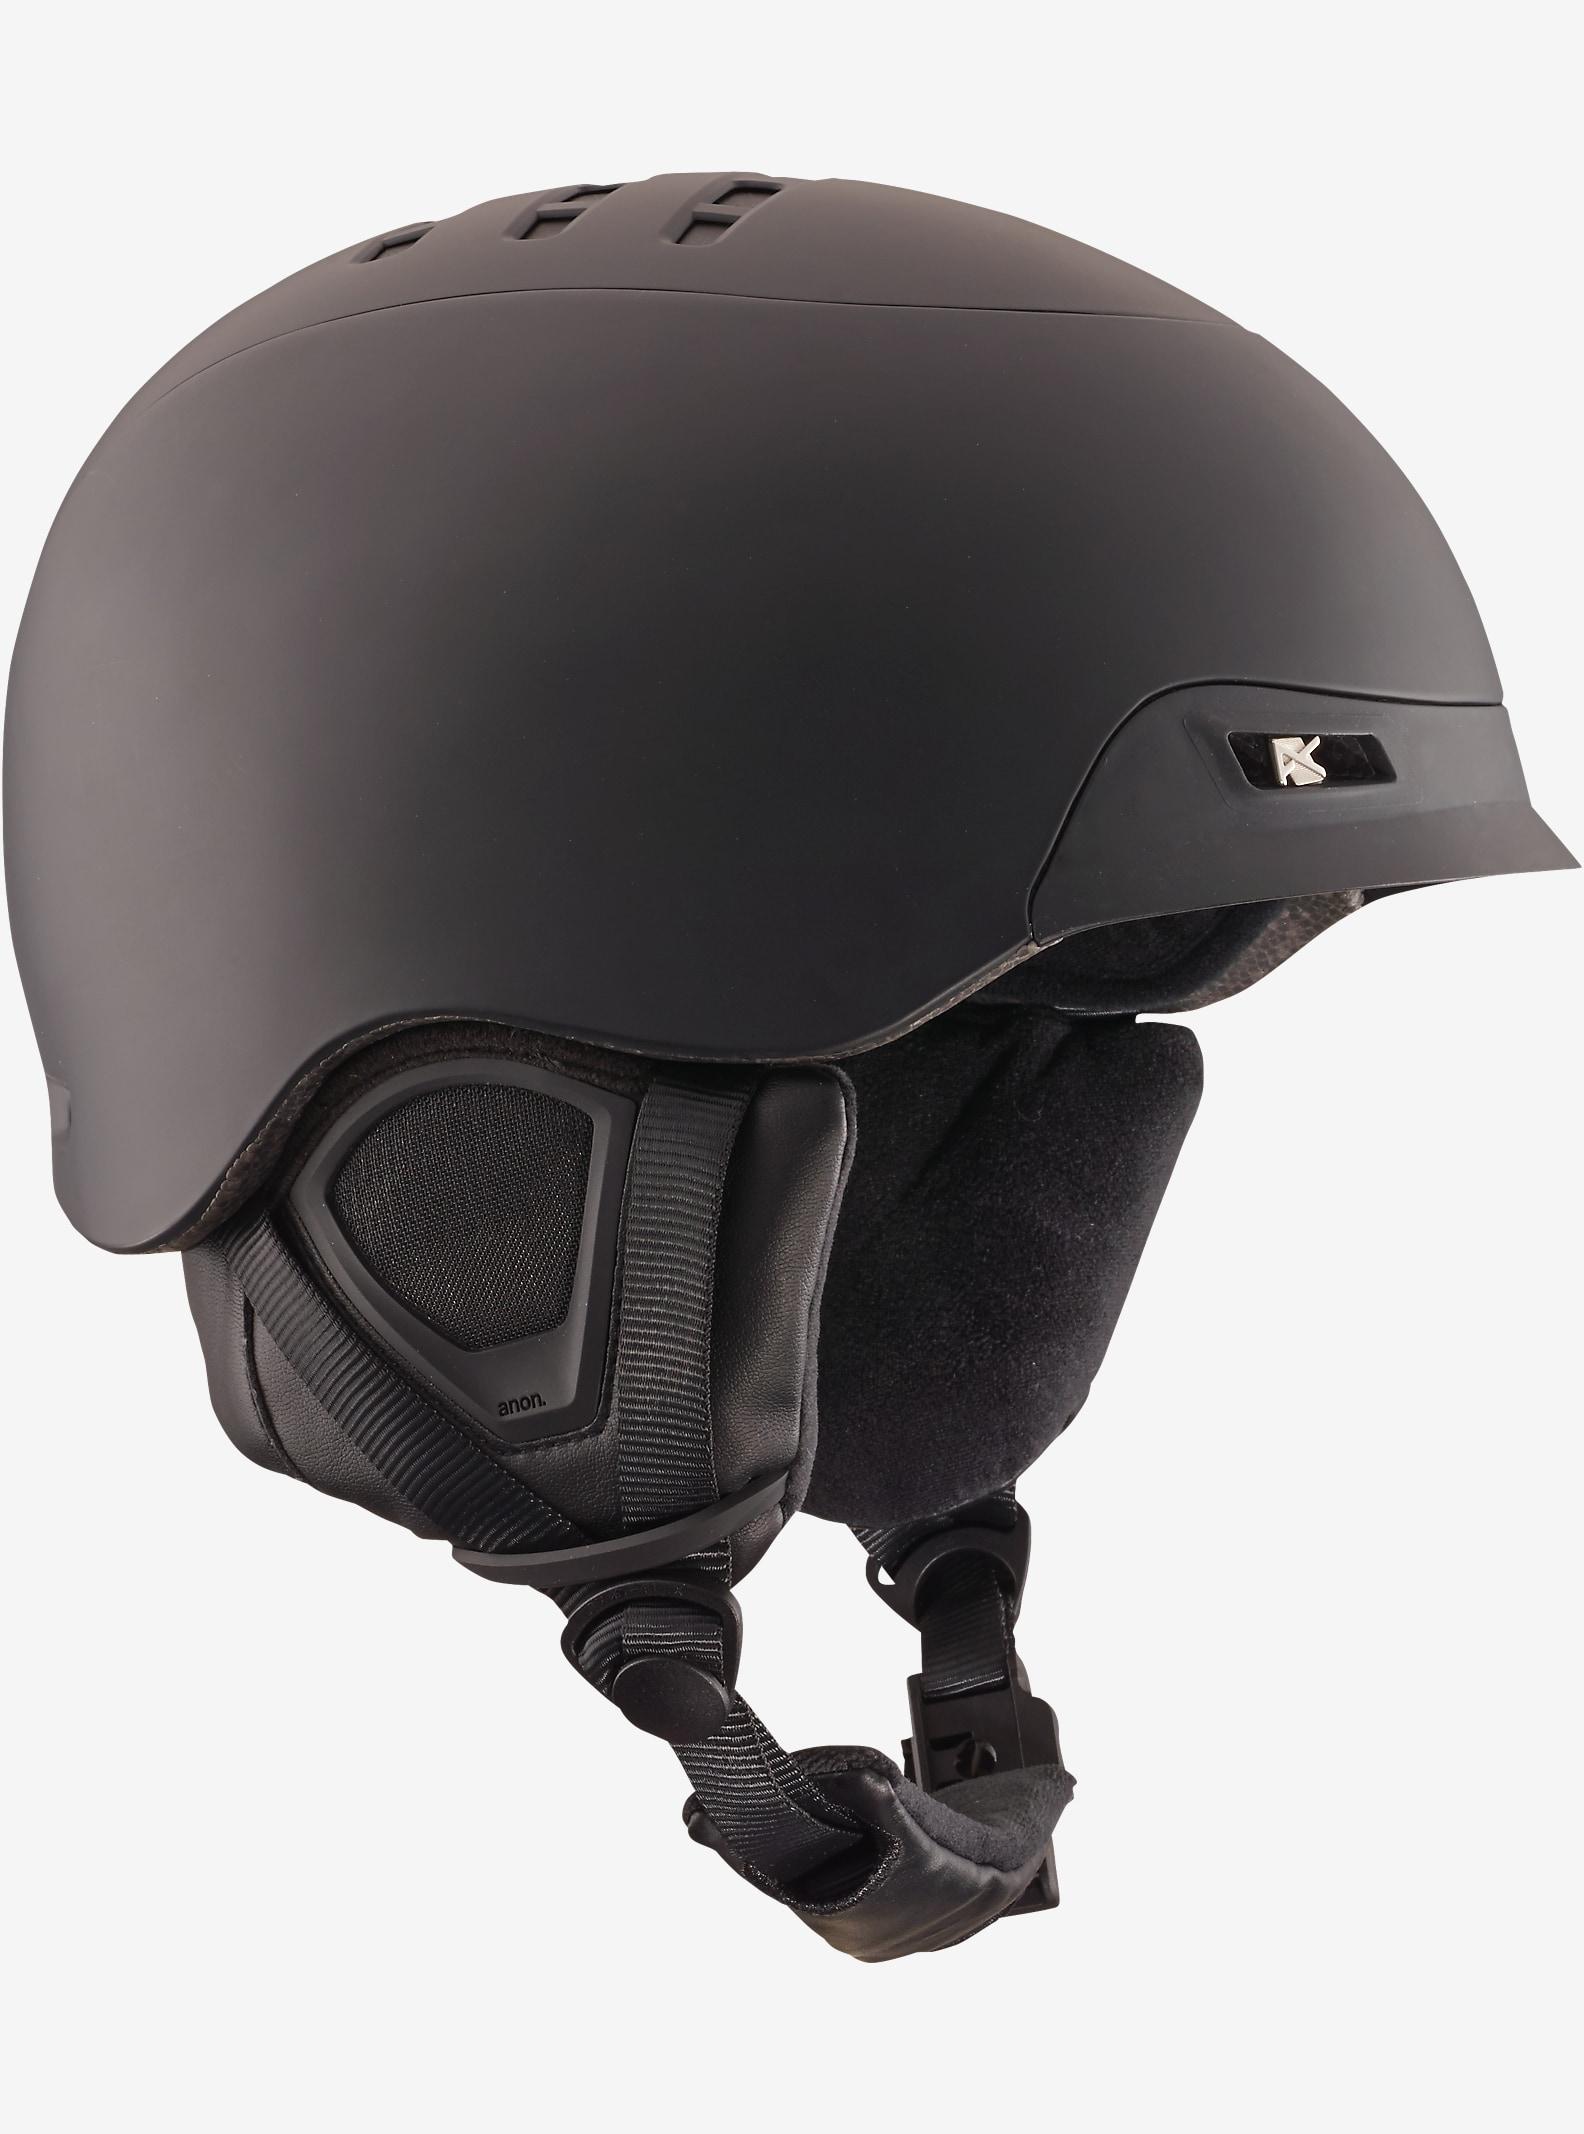 anon. Nelson Helmet shown in Black